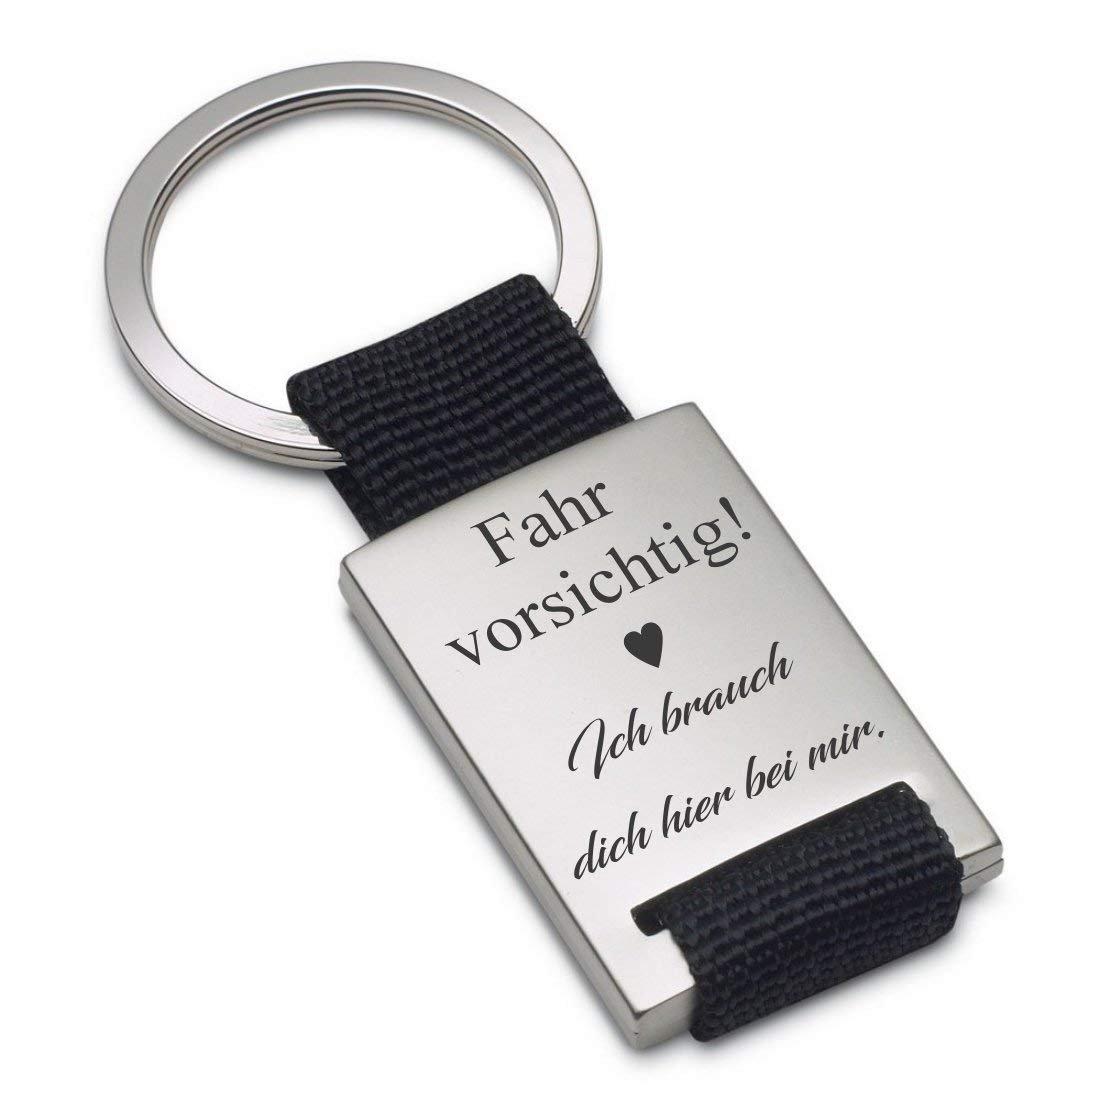 Lieblingsmensch Schlüsselanhänger Modell: Fahr vorsichtig - ich brauch dich (Ausgestanztes Herz) lm11006